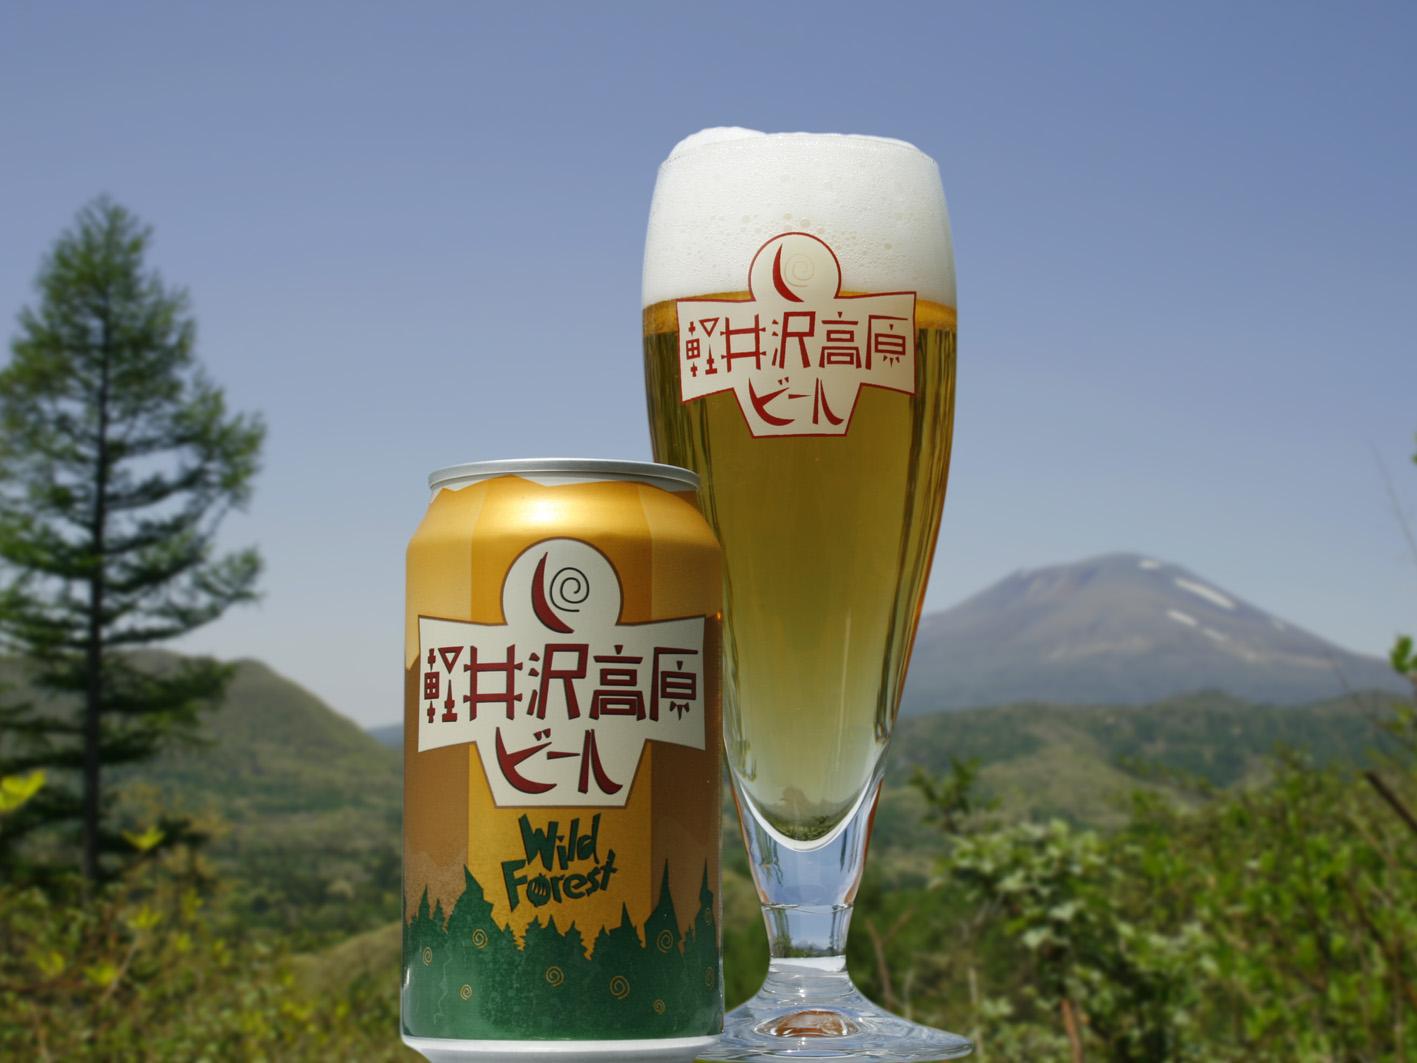 軽井沢高原ビール 3本セット 900円